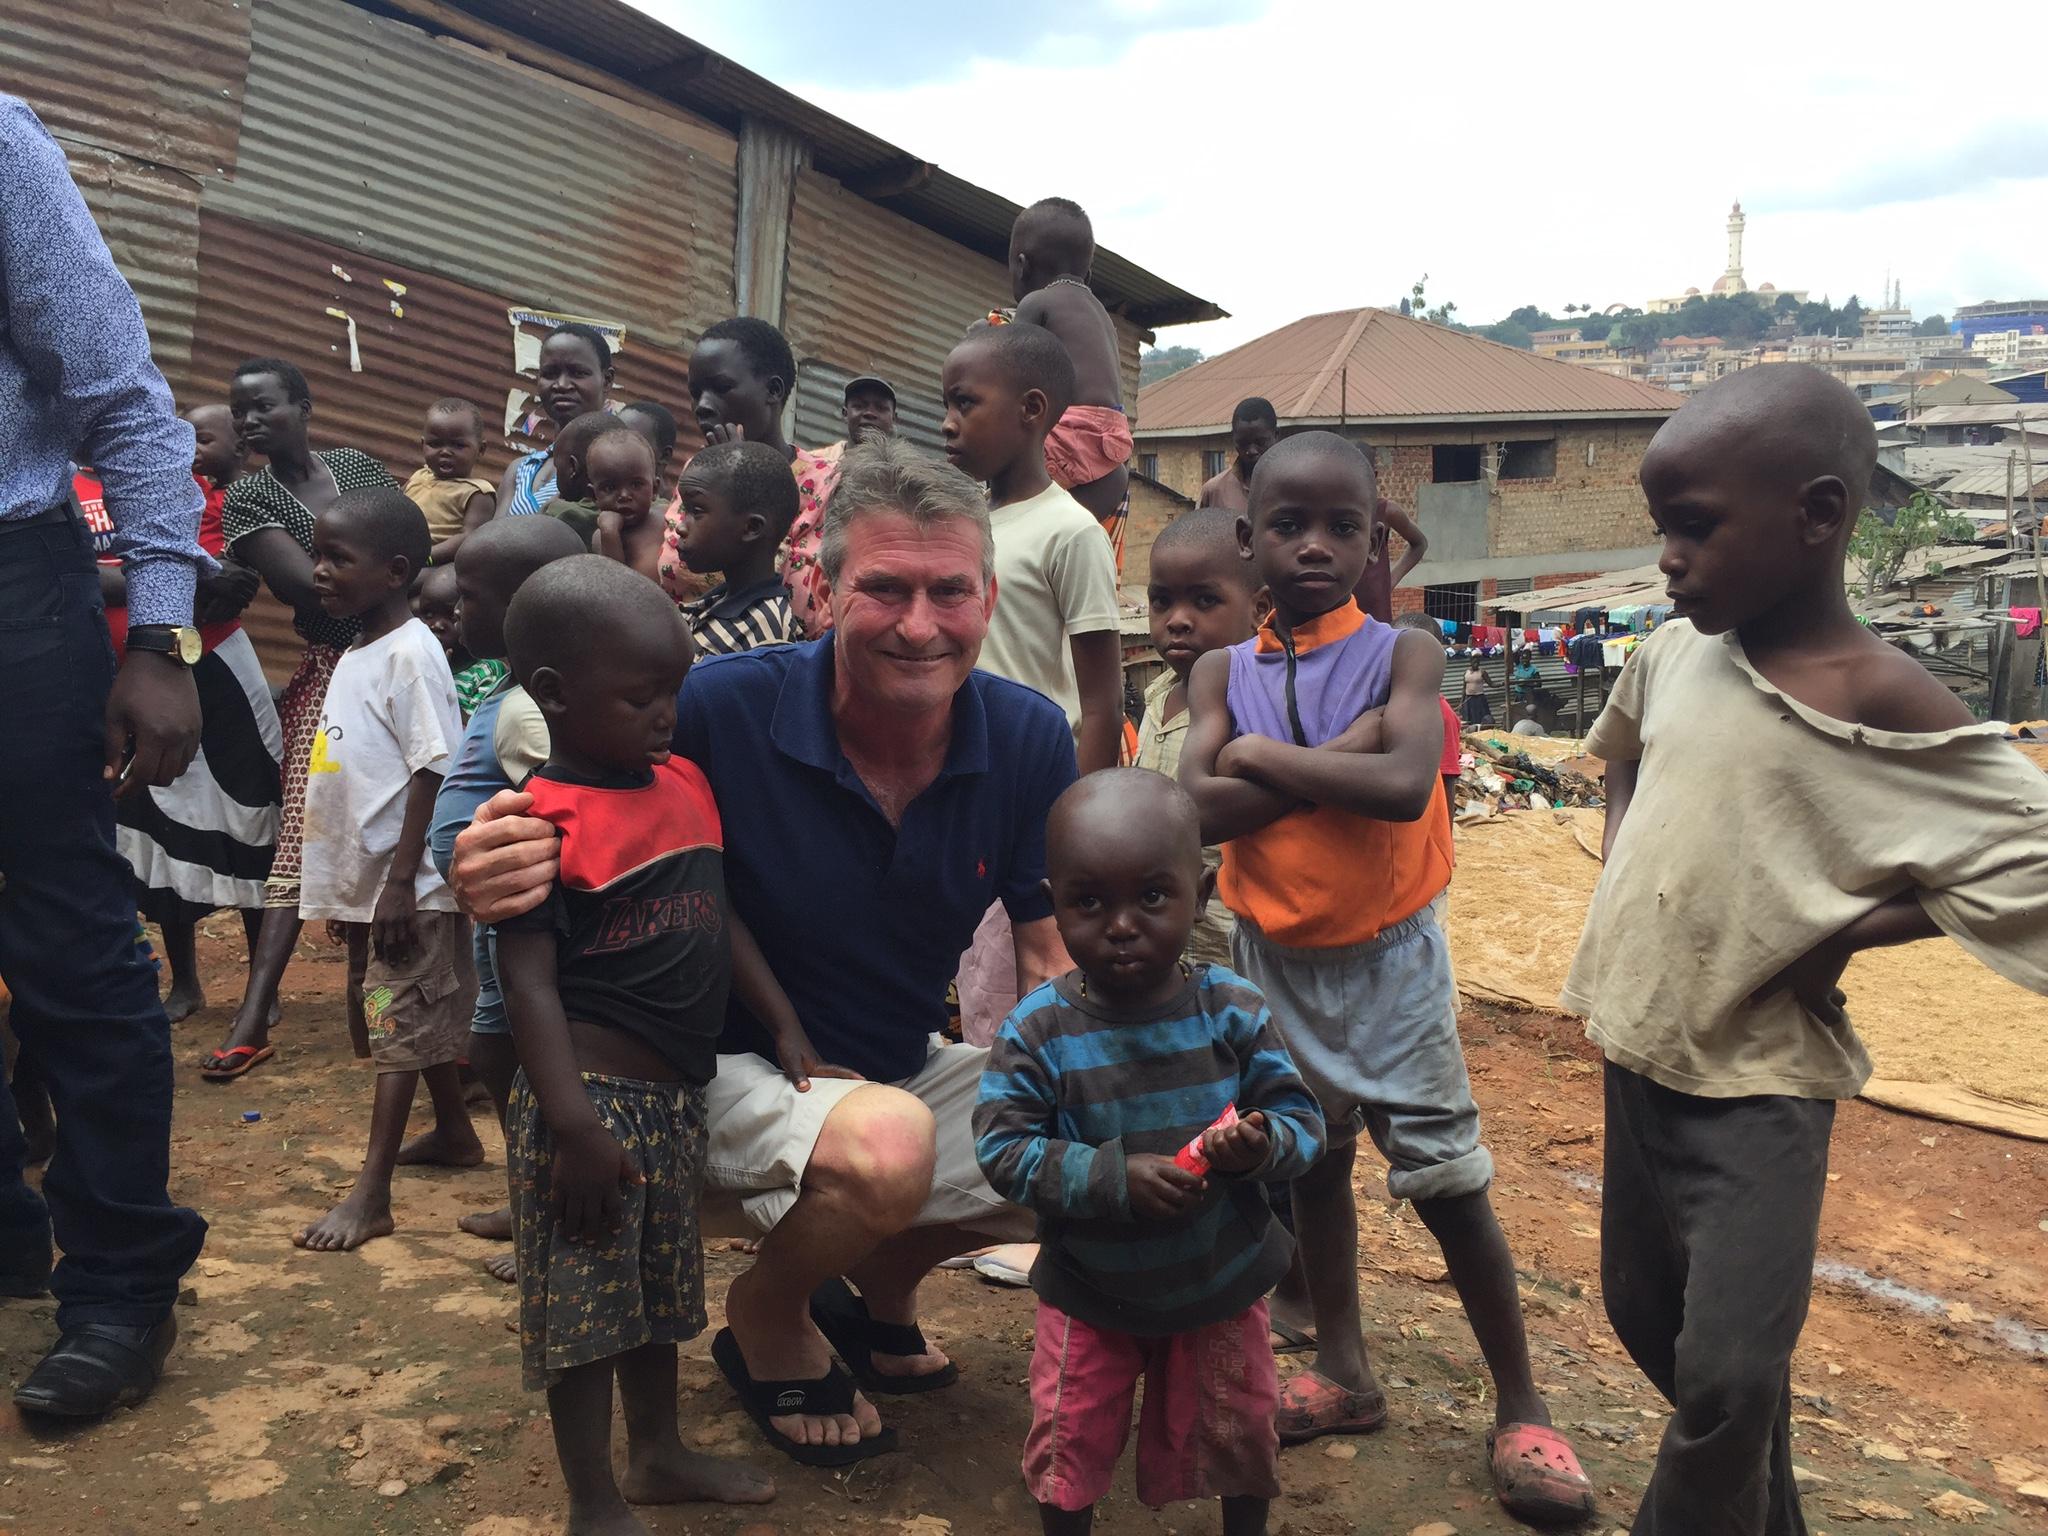 uganda-orphanage-shelter-charity-kids